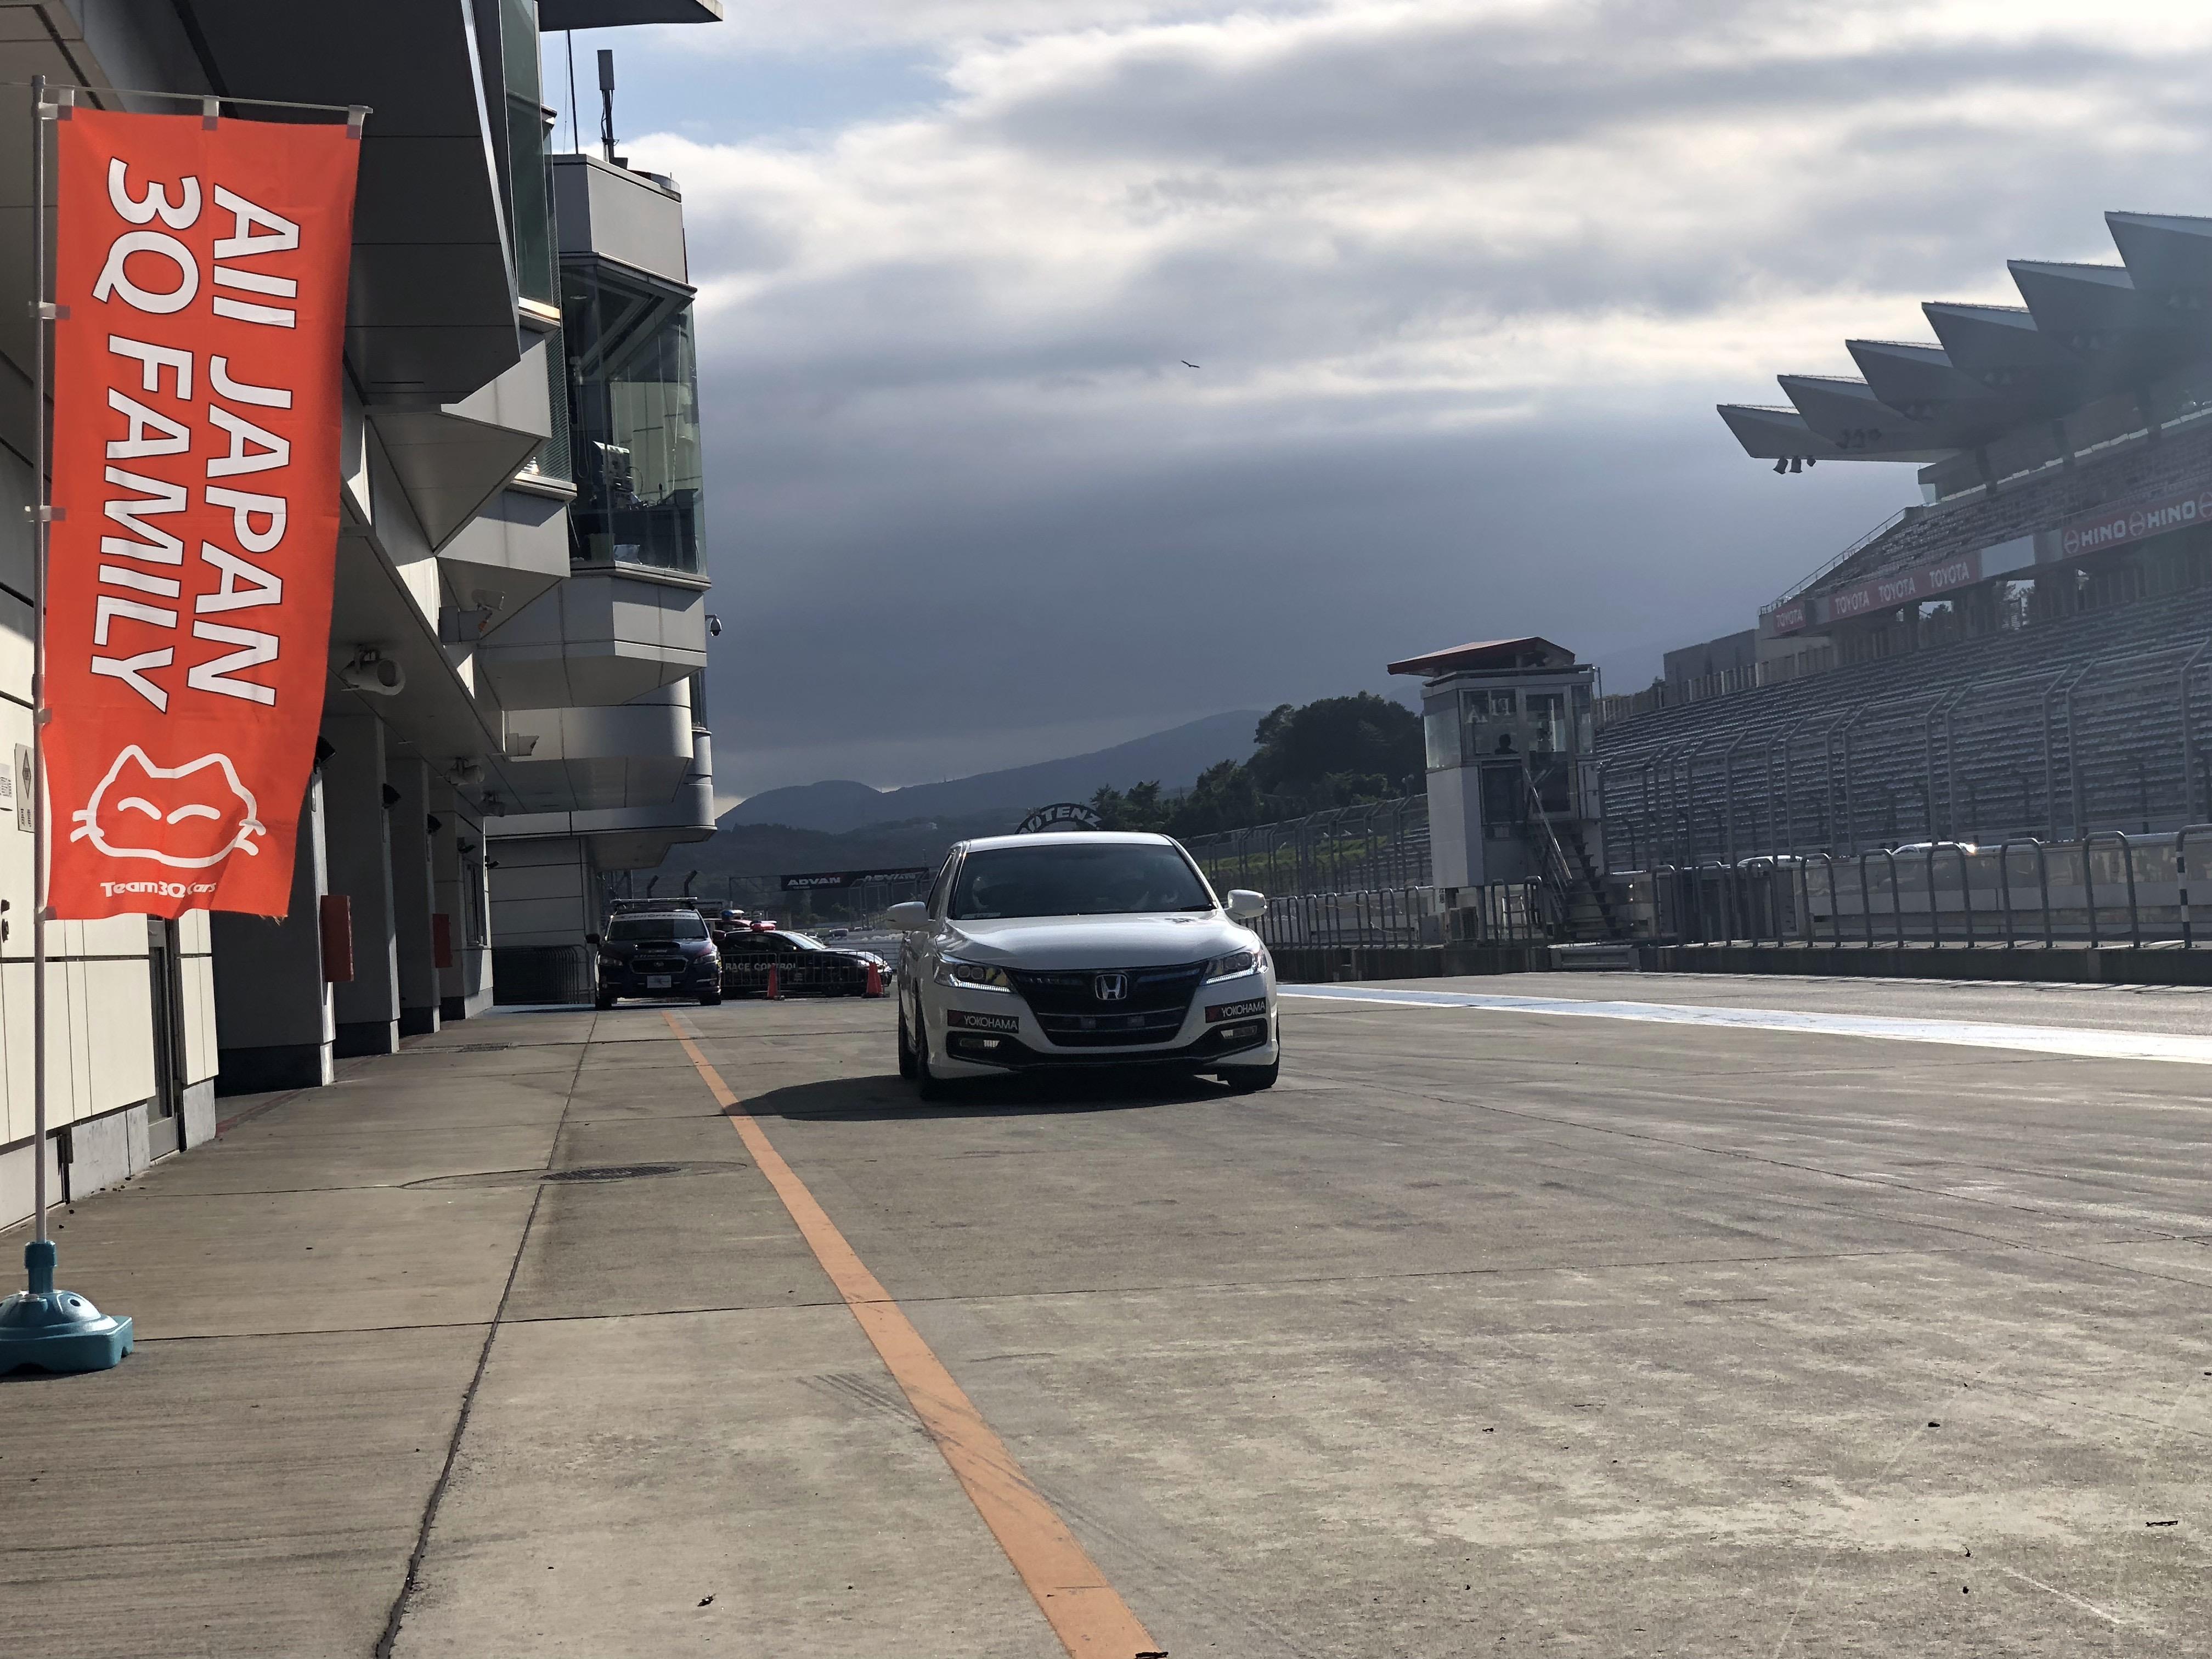 エコランレースでめちゃめちゃ強い!? 3Qファミリー全日本がECO CAR CUPで大健闘!!